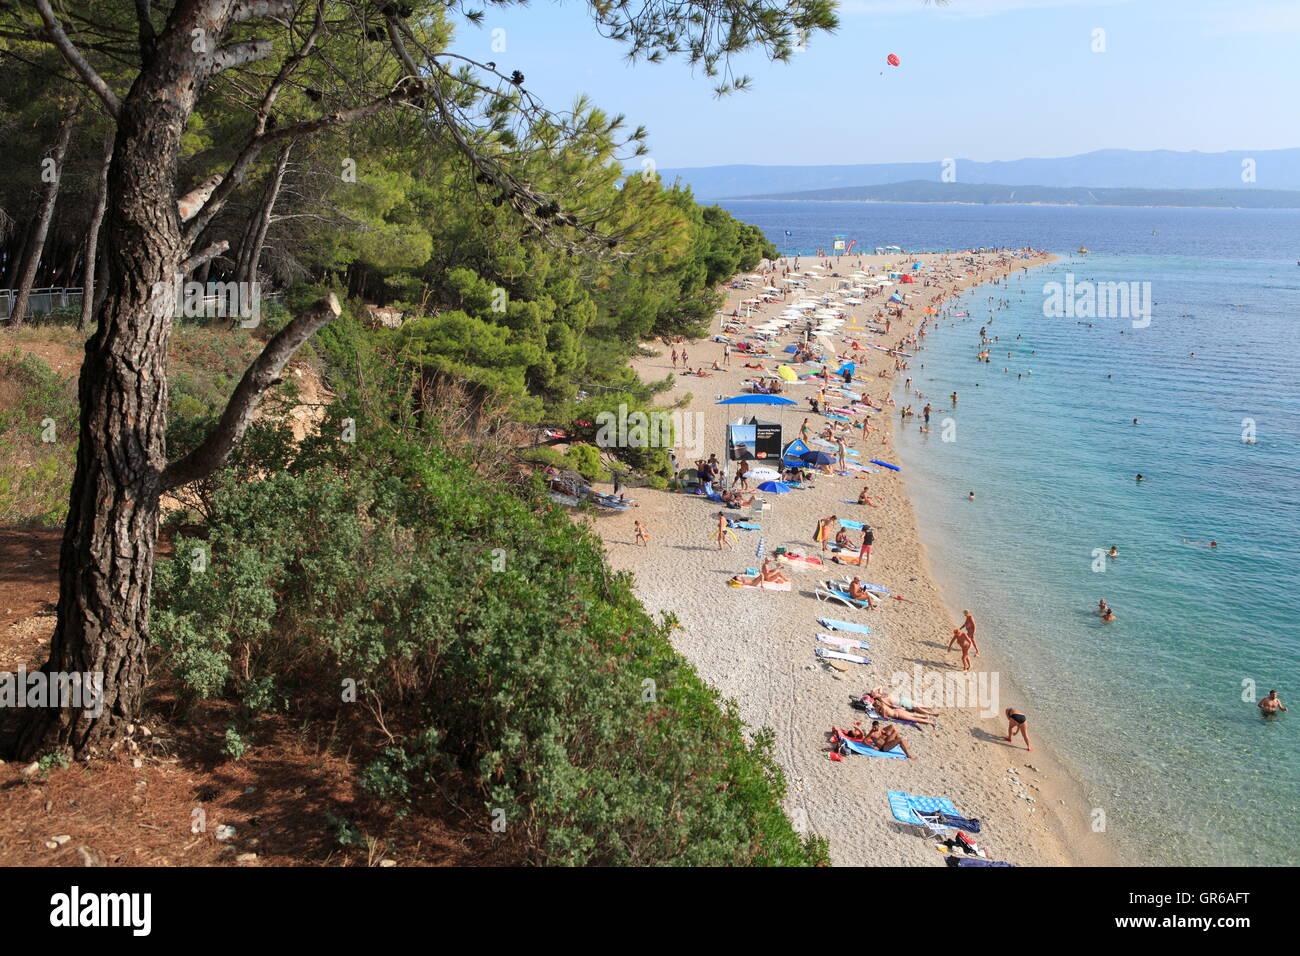 Beach, Golden Horn, Bol, Island Brac, Dalmatia, Croatia, Europe - Stock Image